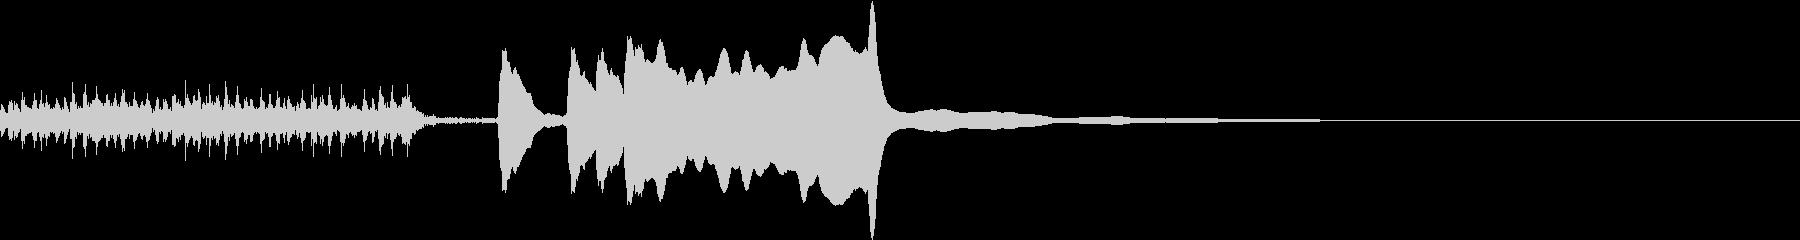 結果発表2/ドラムロール→タンタタターンの未再生の波形